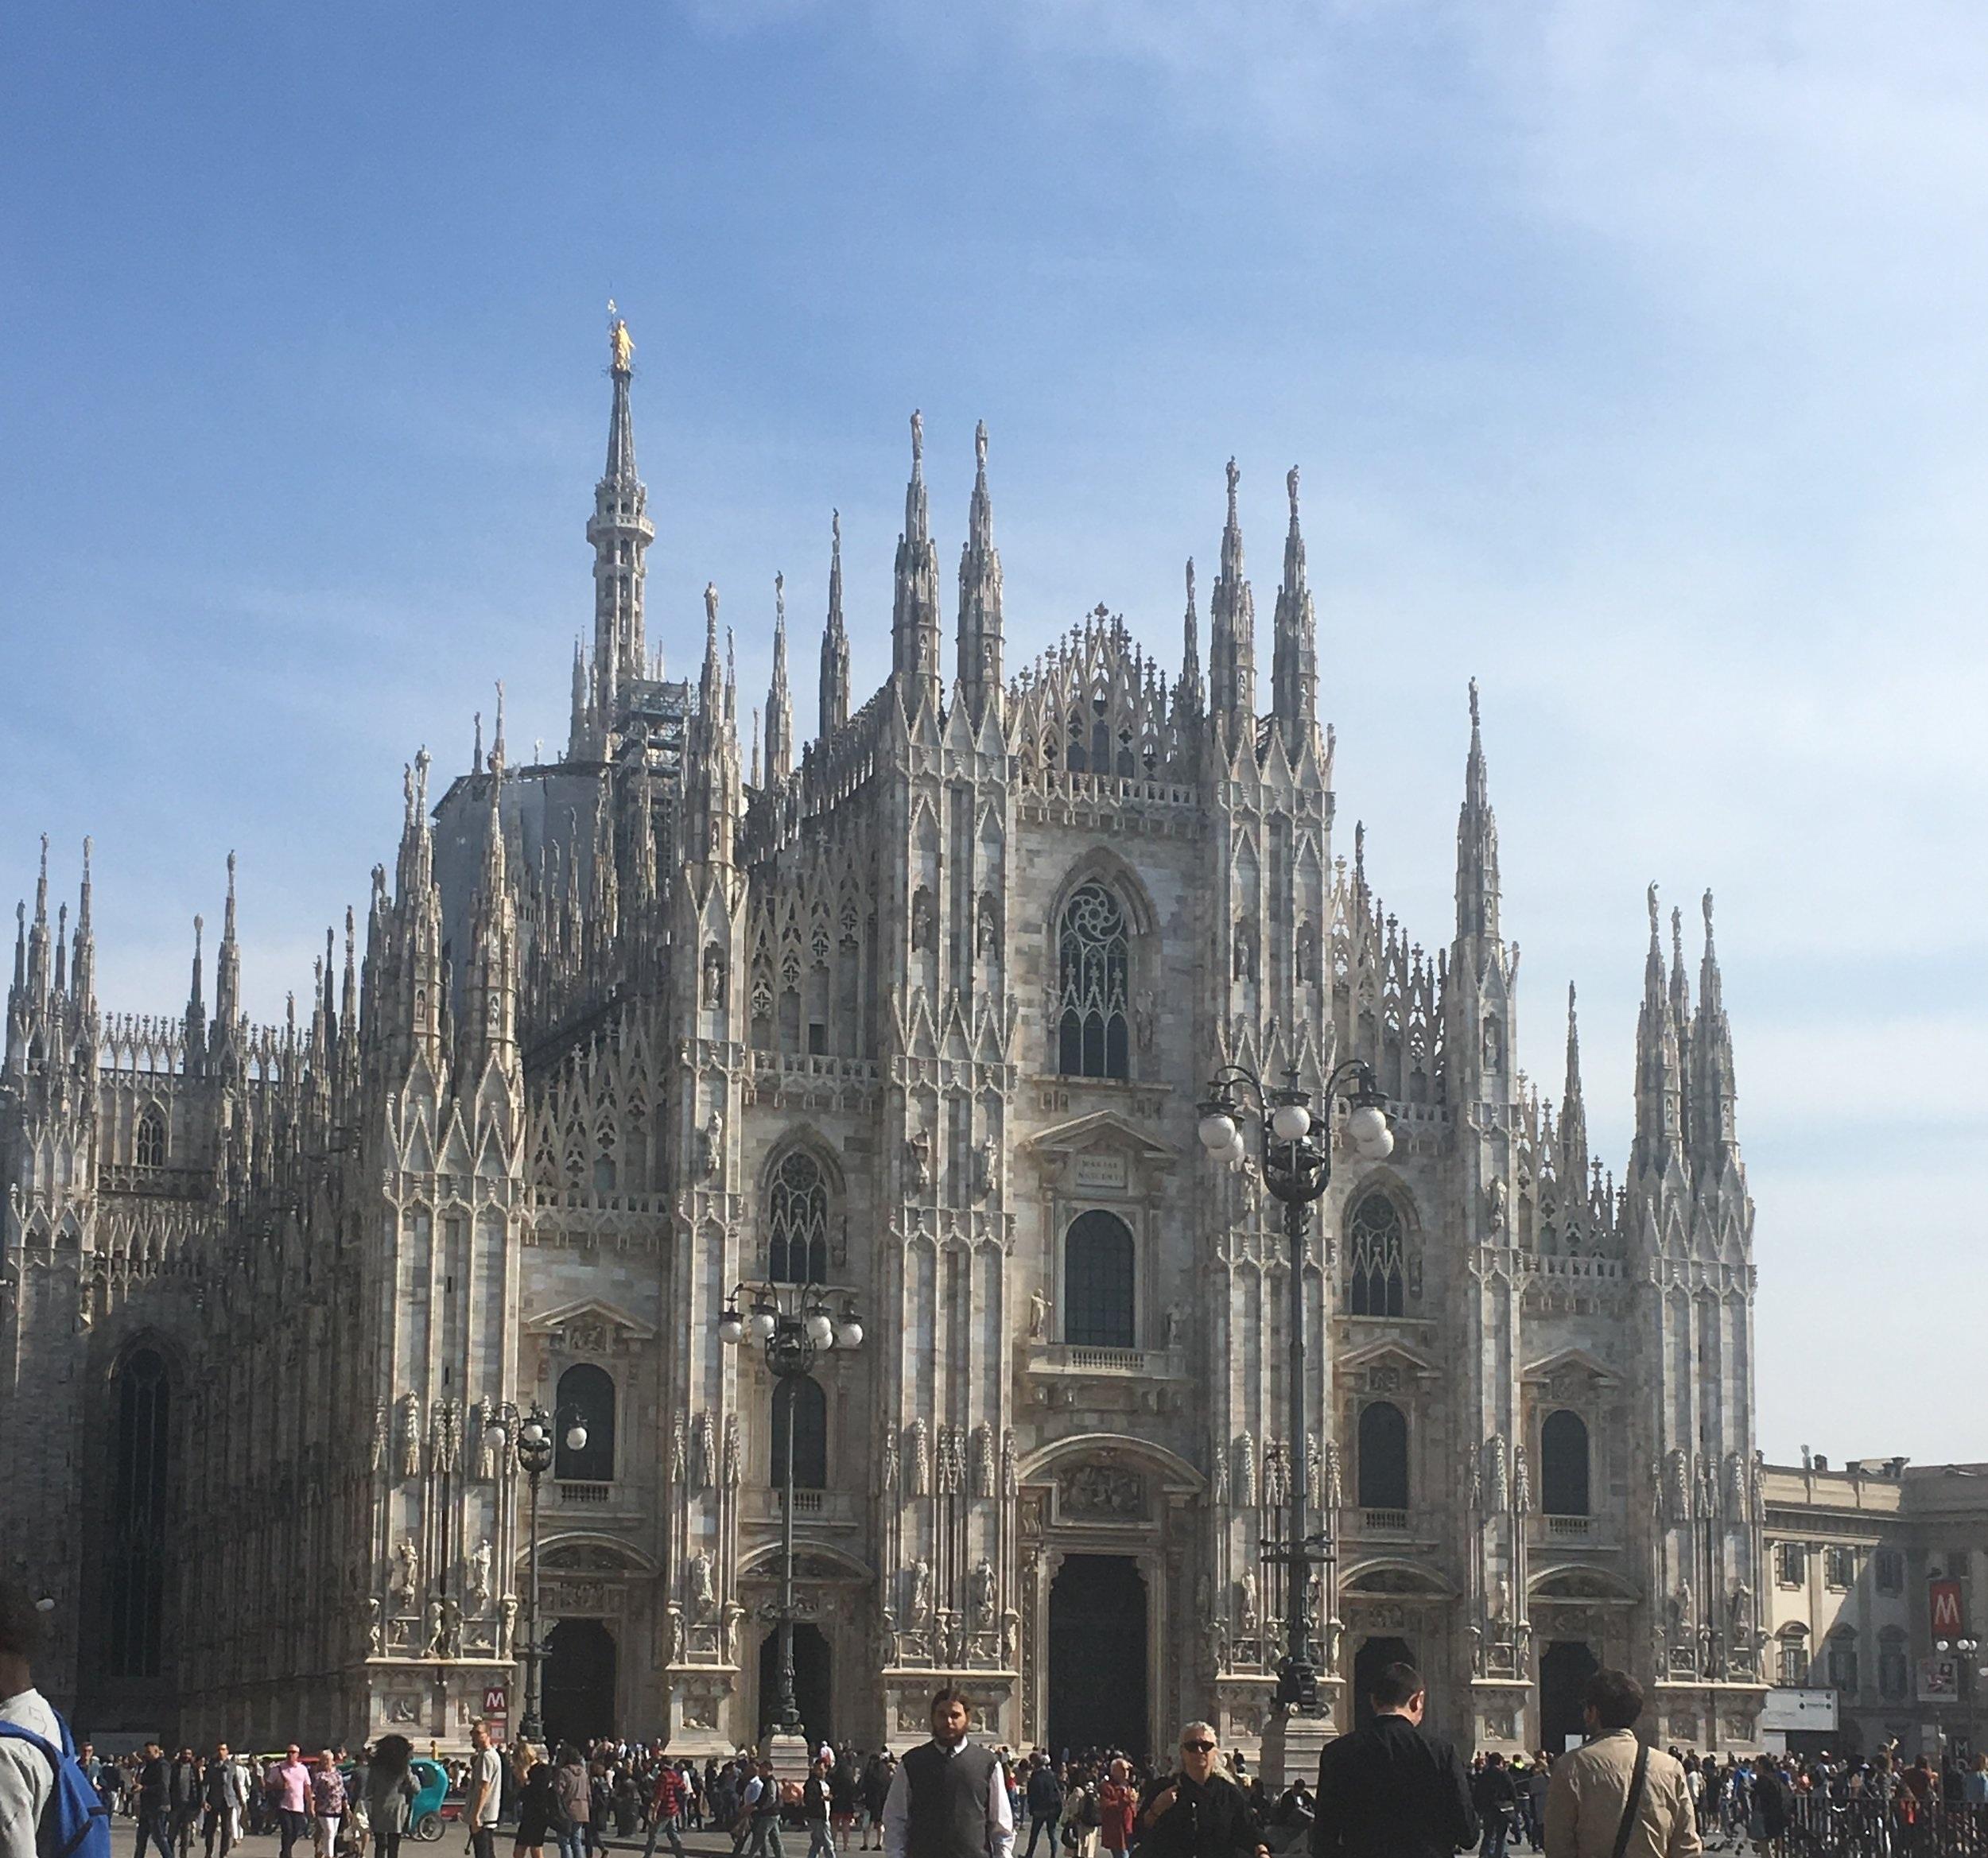 The+Duomo+in+Milan